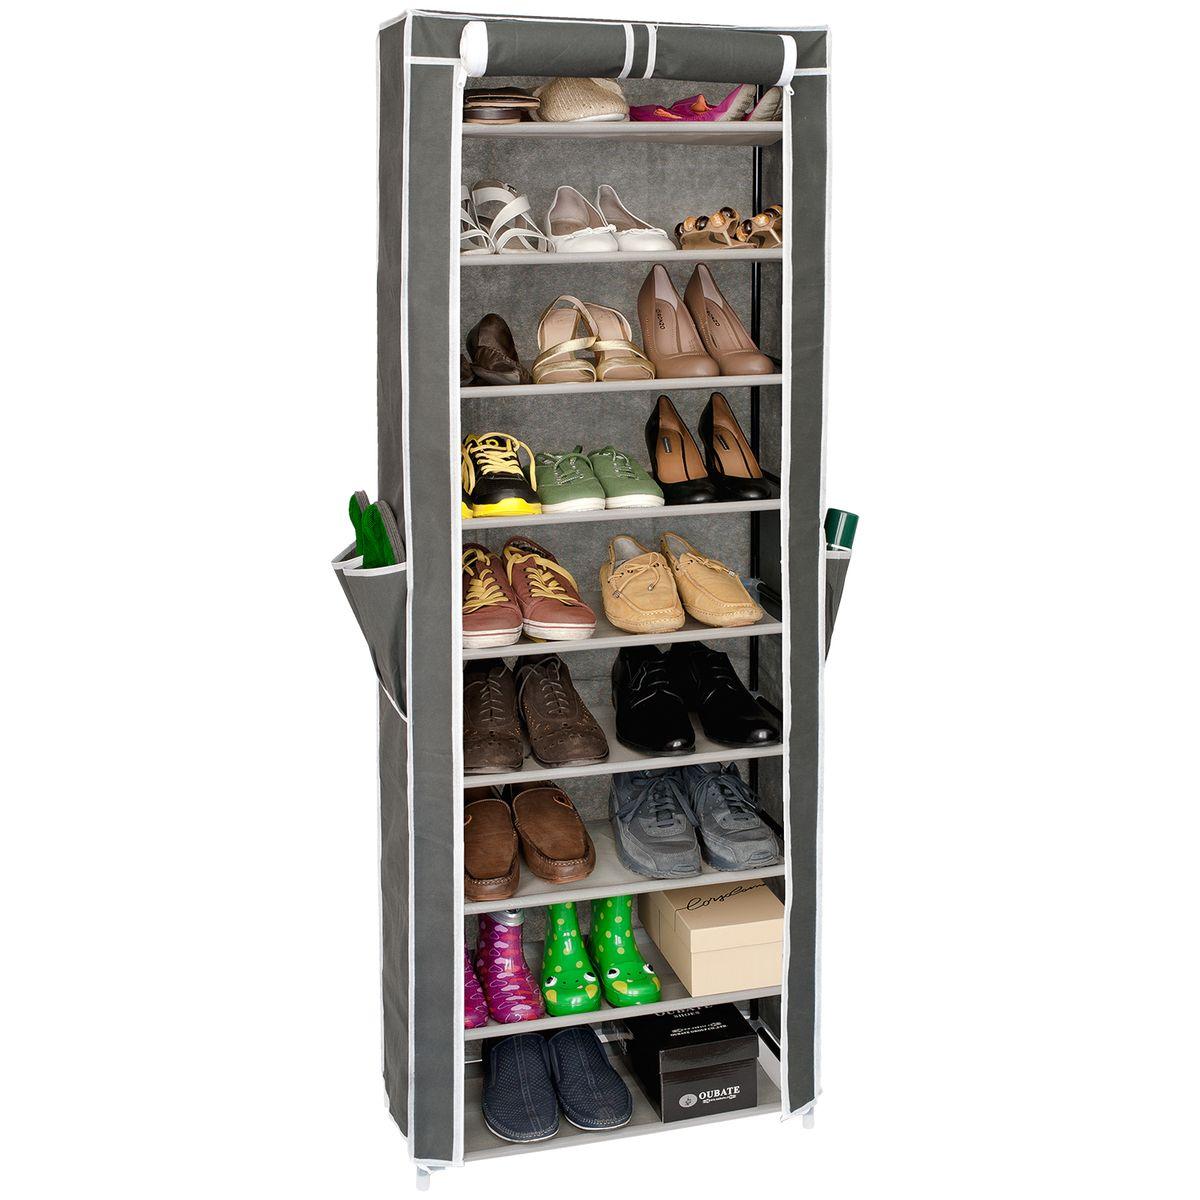 Этажерка для обуви Artmoon Carrie, с нетканым чехлом, 9 полок, цвет: серый699317Artmoon CARRIE Этажерка для обуви с нетканым чехлом, 9 полок для 27 пар обуви (+ 4 кармашка на чехле). Размер: 58*29*160 см, цвет: темно-серый. Полки съемные, регулируется под обувь любой высоты. Нетканый чехол защищает от пыли, две молний, фиксируется липучкой в открытом виде, полки с полипропиленовой пропиткой не боятся влаги для легкой уборки. Материал: стальные трубы, пластиковые соединители, нетканый чехол, 2 молнии, 1 липучка. Упаковка: цветная коробка с ручкой.